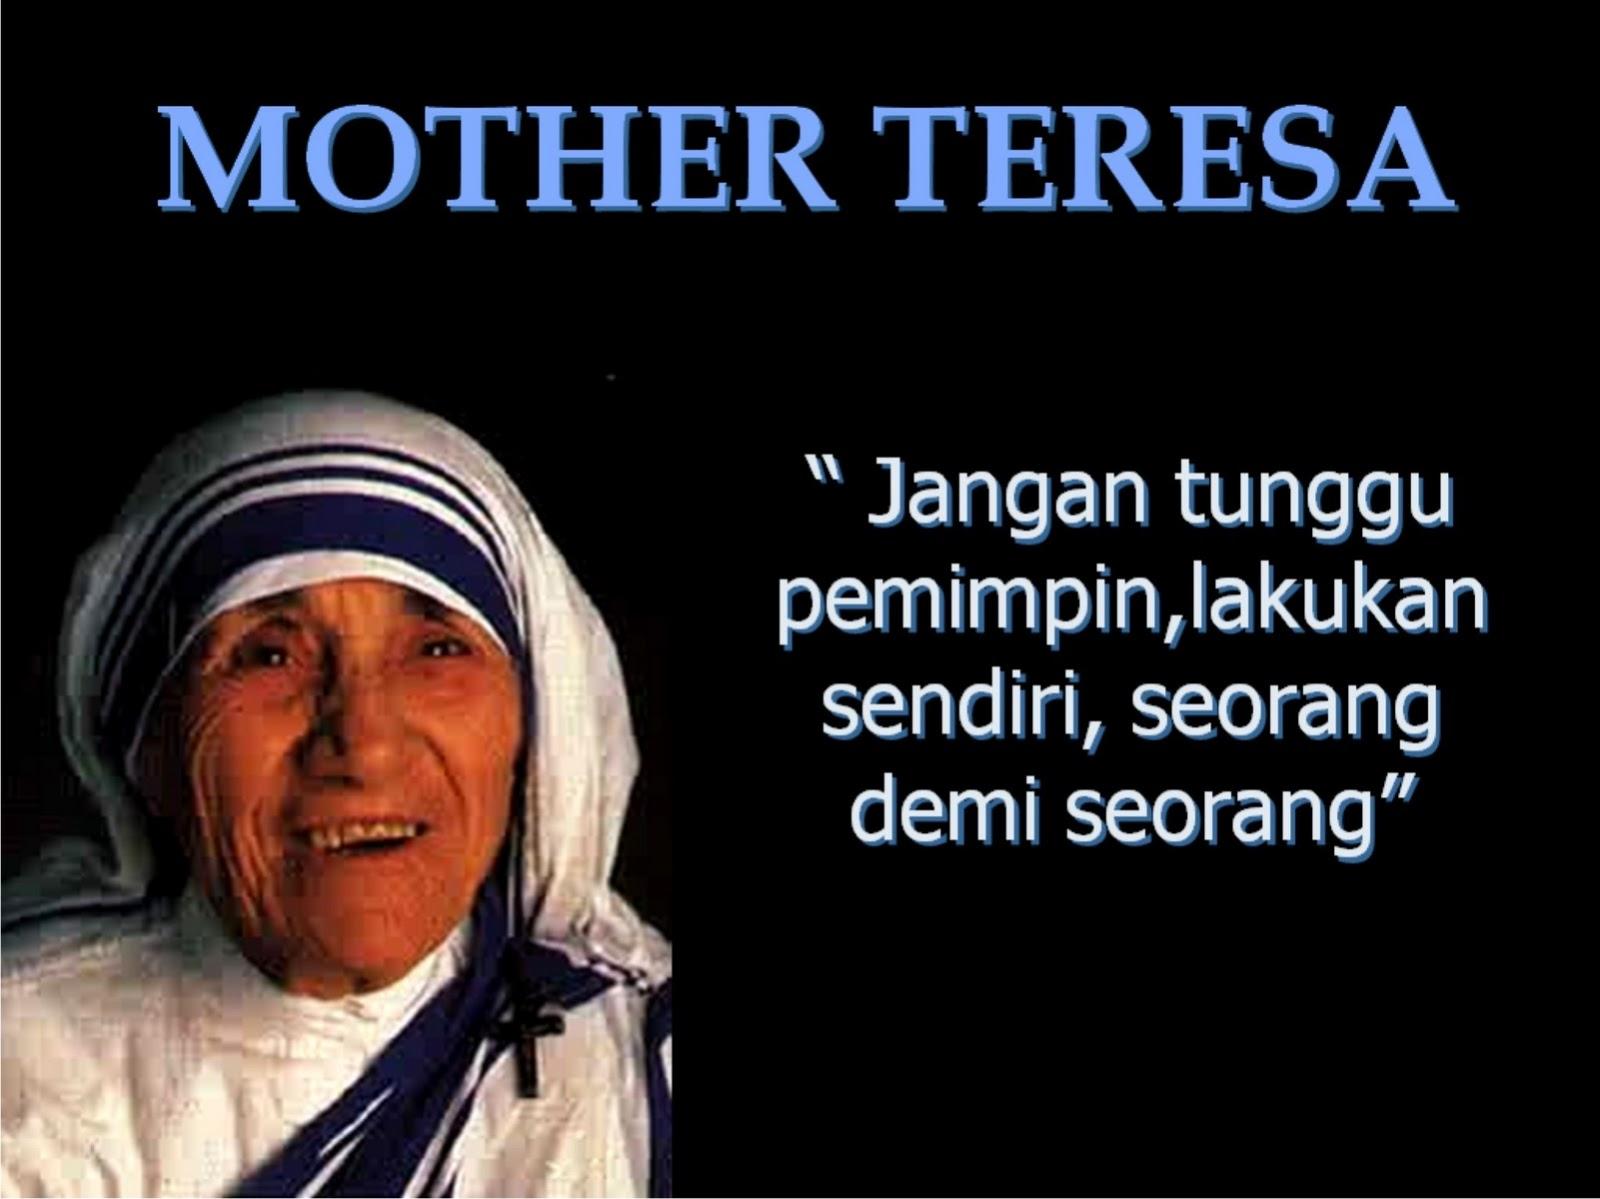 Kata Mutiara Terbaru 24 5 Kata Bijak Bunda Teresa Images